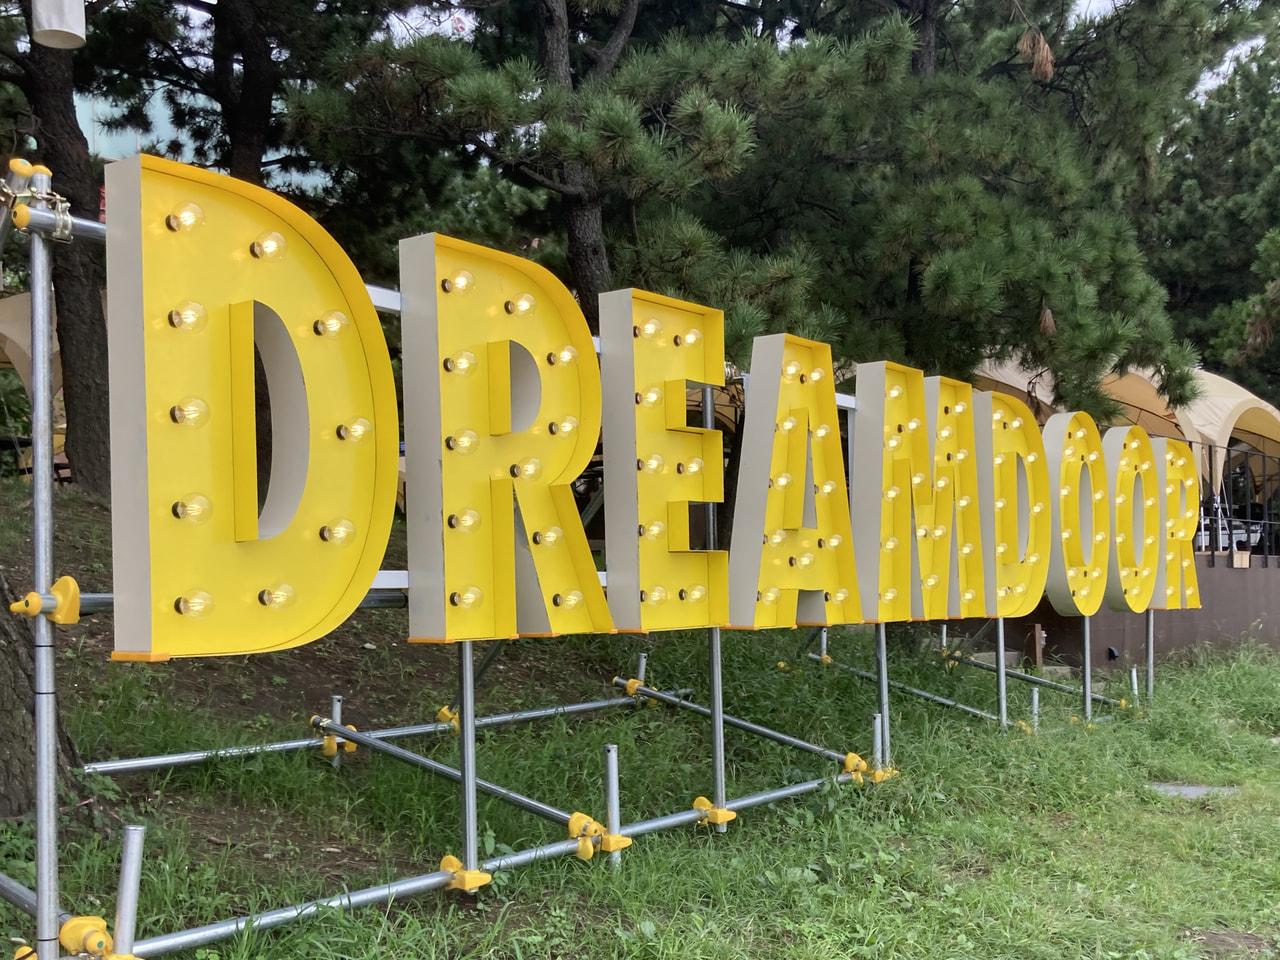 【横浜初のアウトドアフィールド】〈DREAM DOOR YOKOHAMA HAMMERHEAD〉で本格アウトドア体験を!